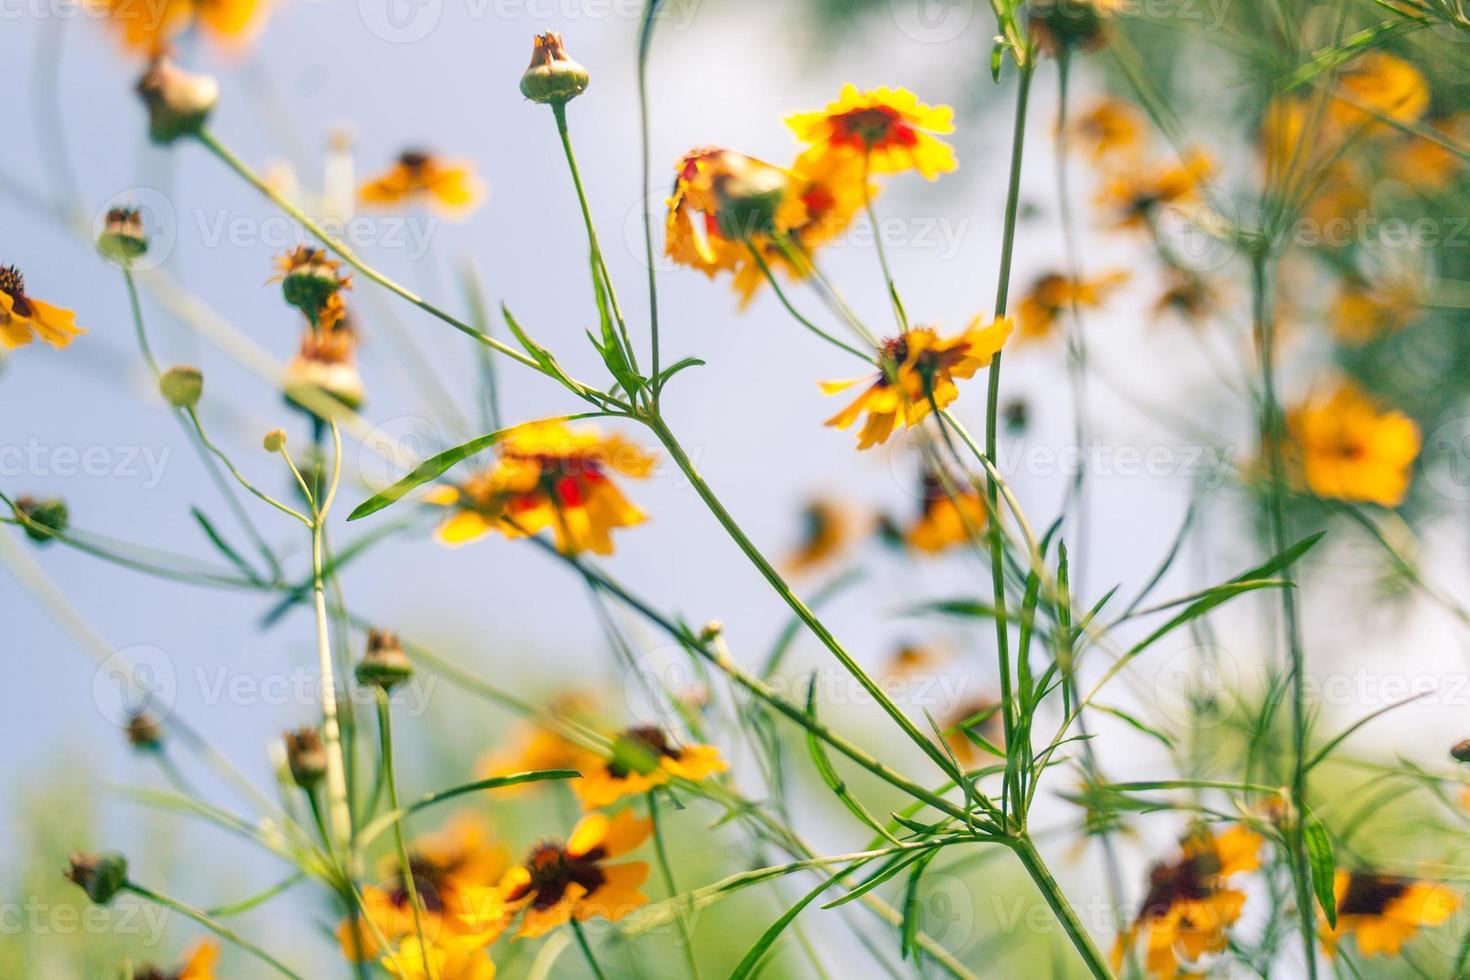 flores contra el cielo azul foto